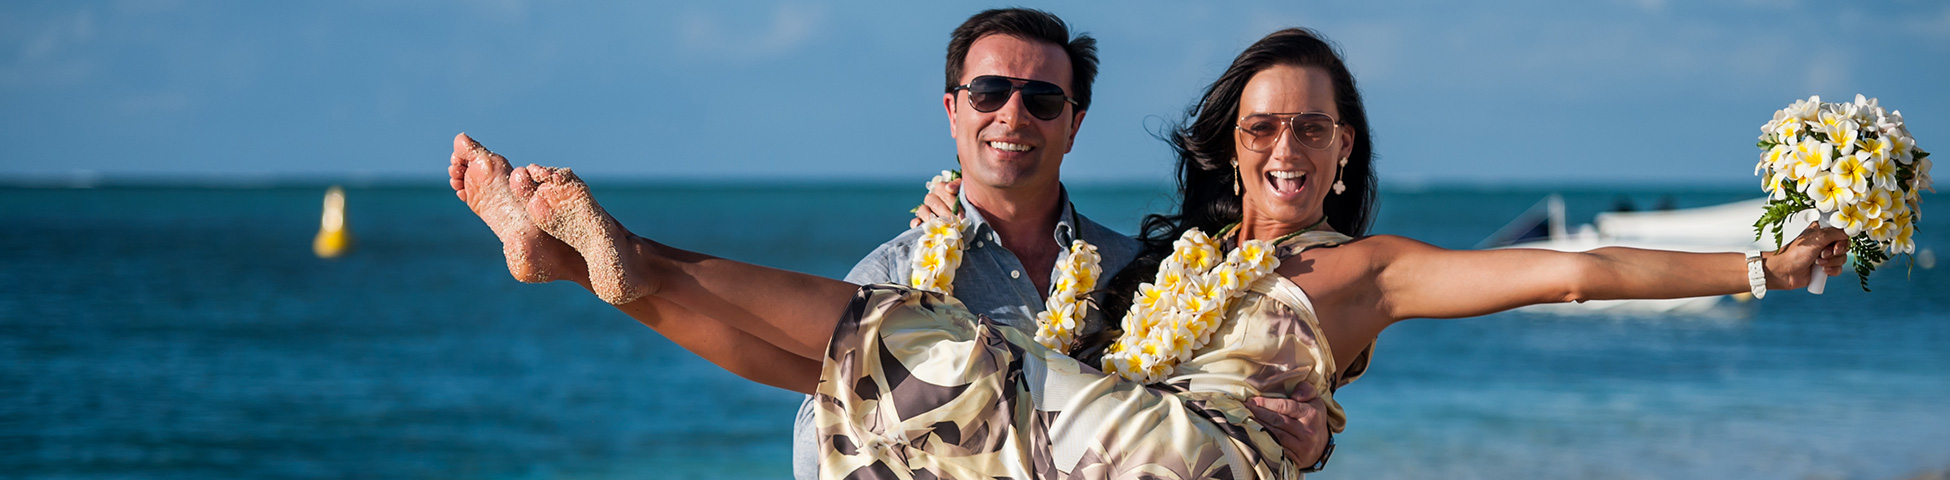 Организуем для вас свадьбу на острове Маврикий